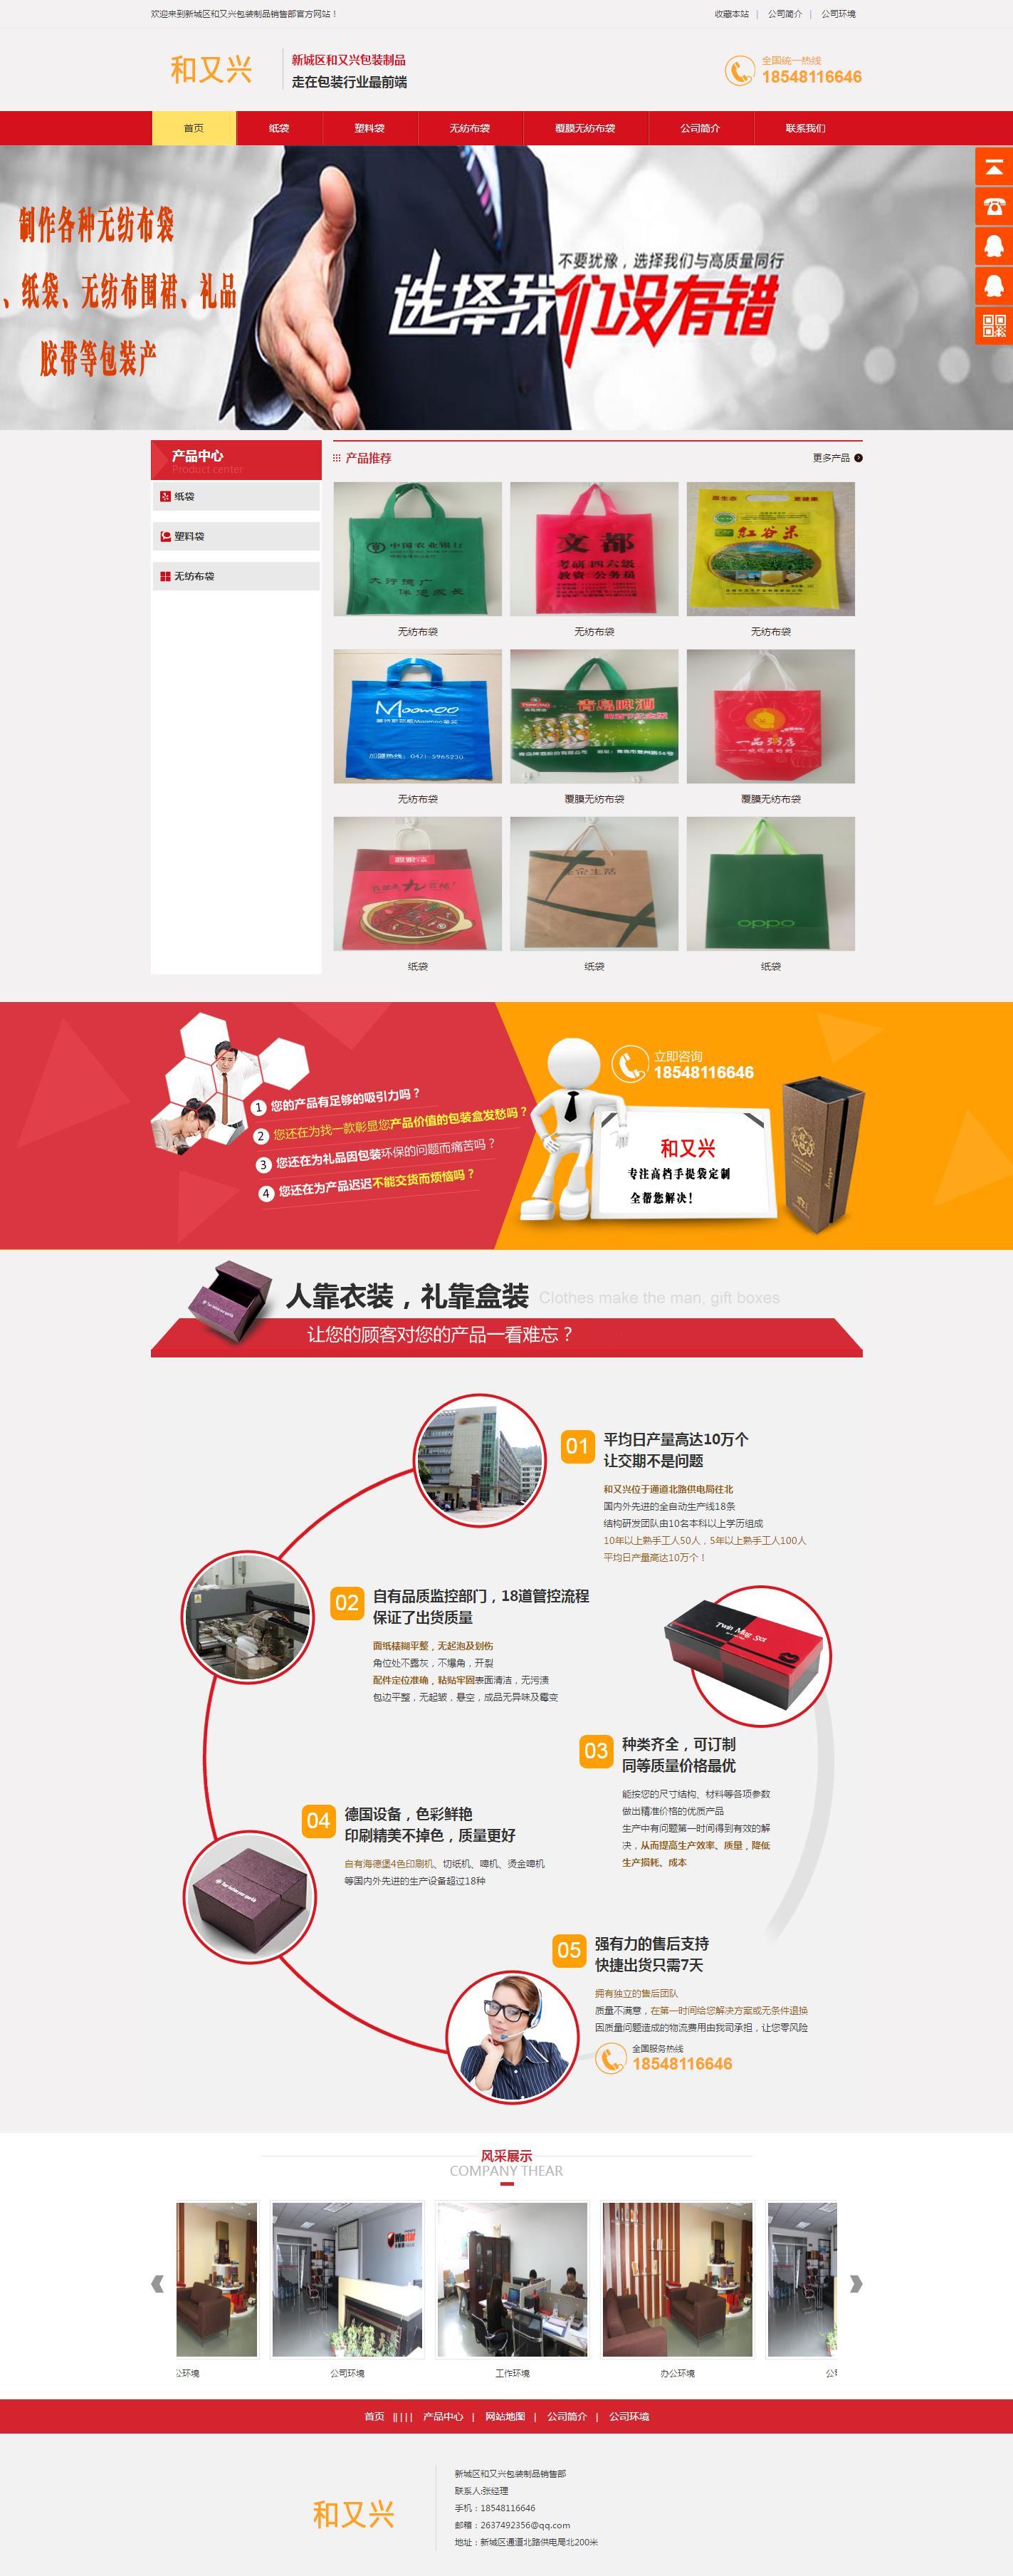 易胜博ysb248网址-新城区和又兴包装制品销售部